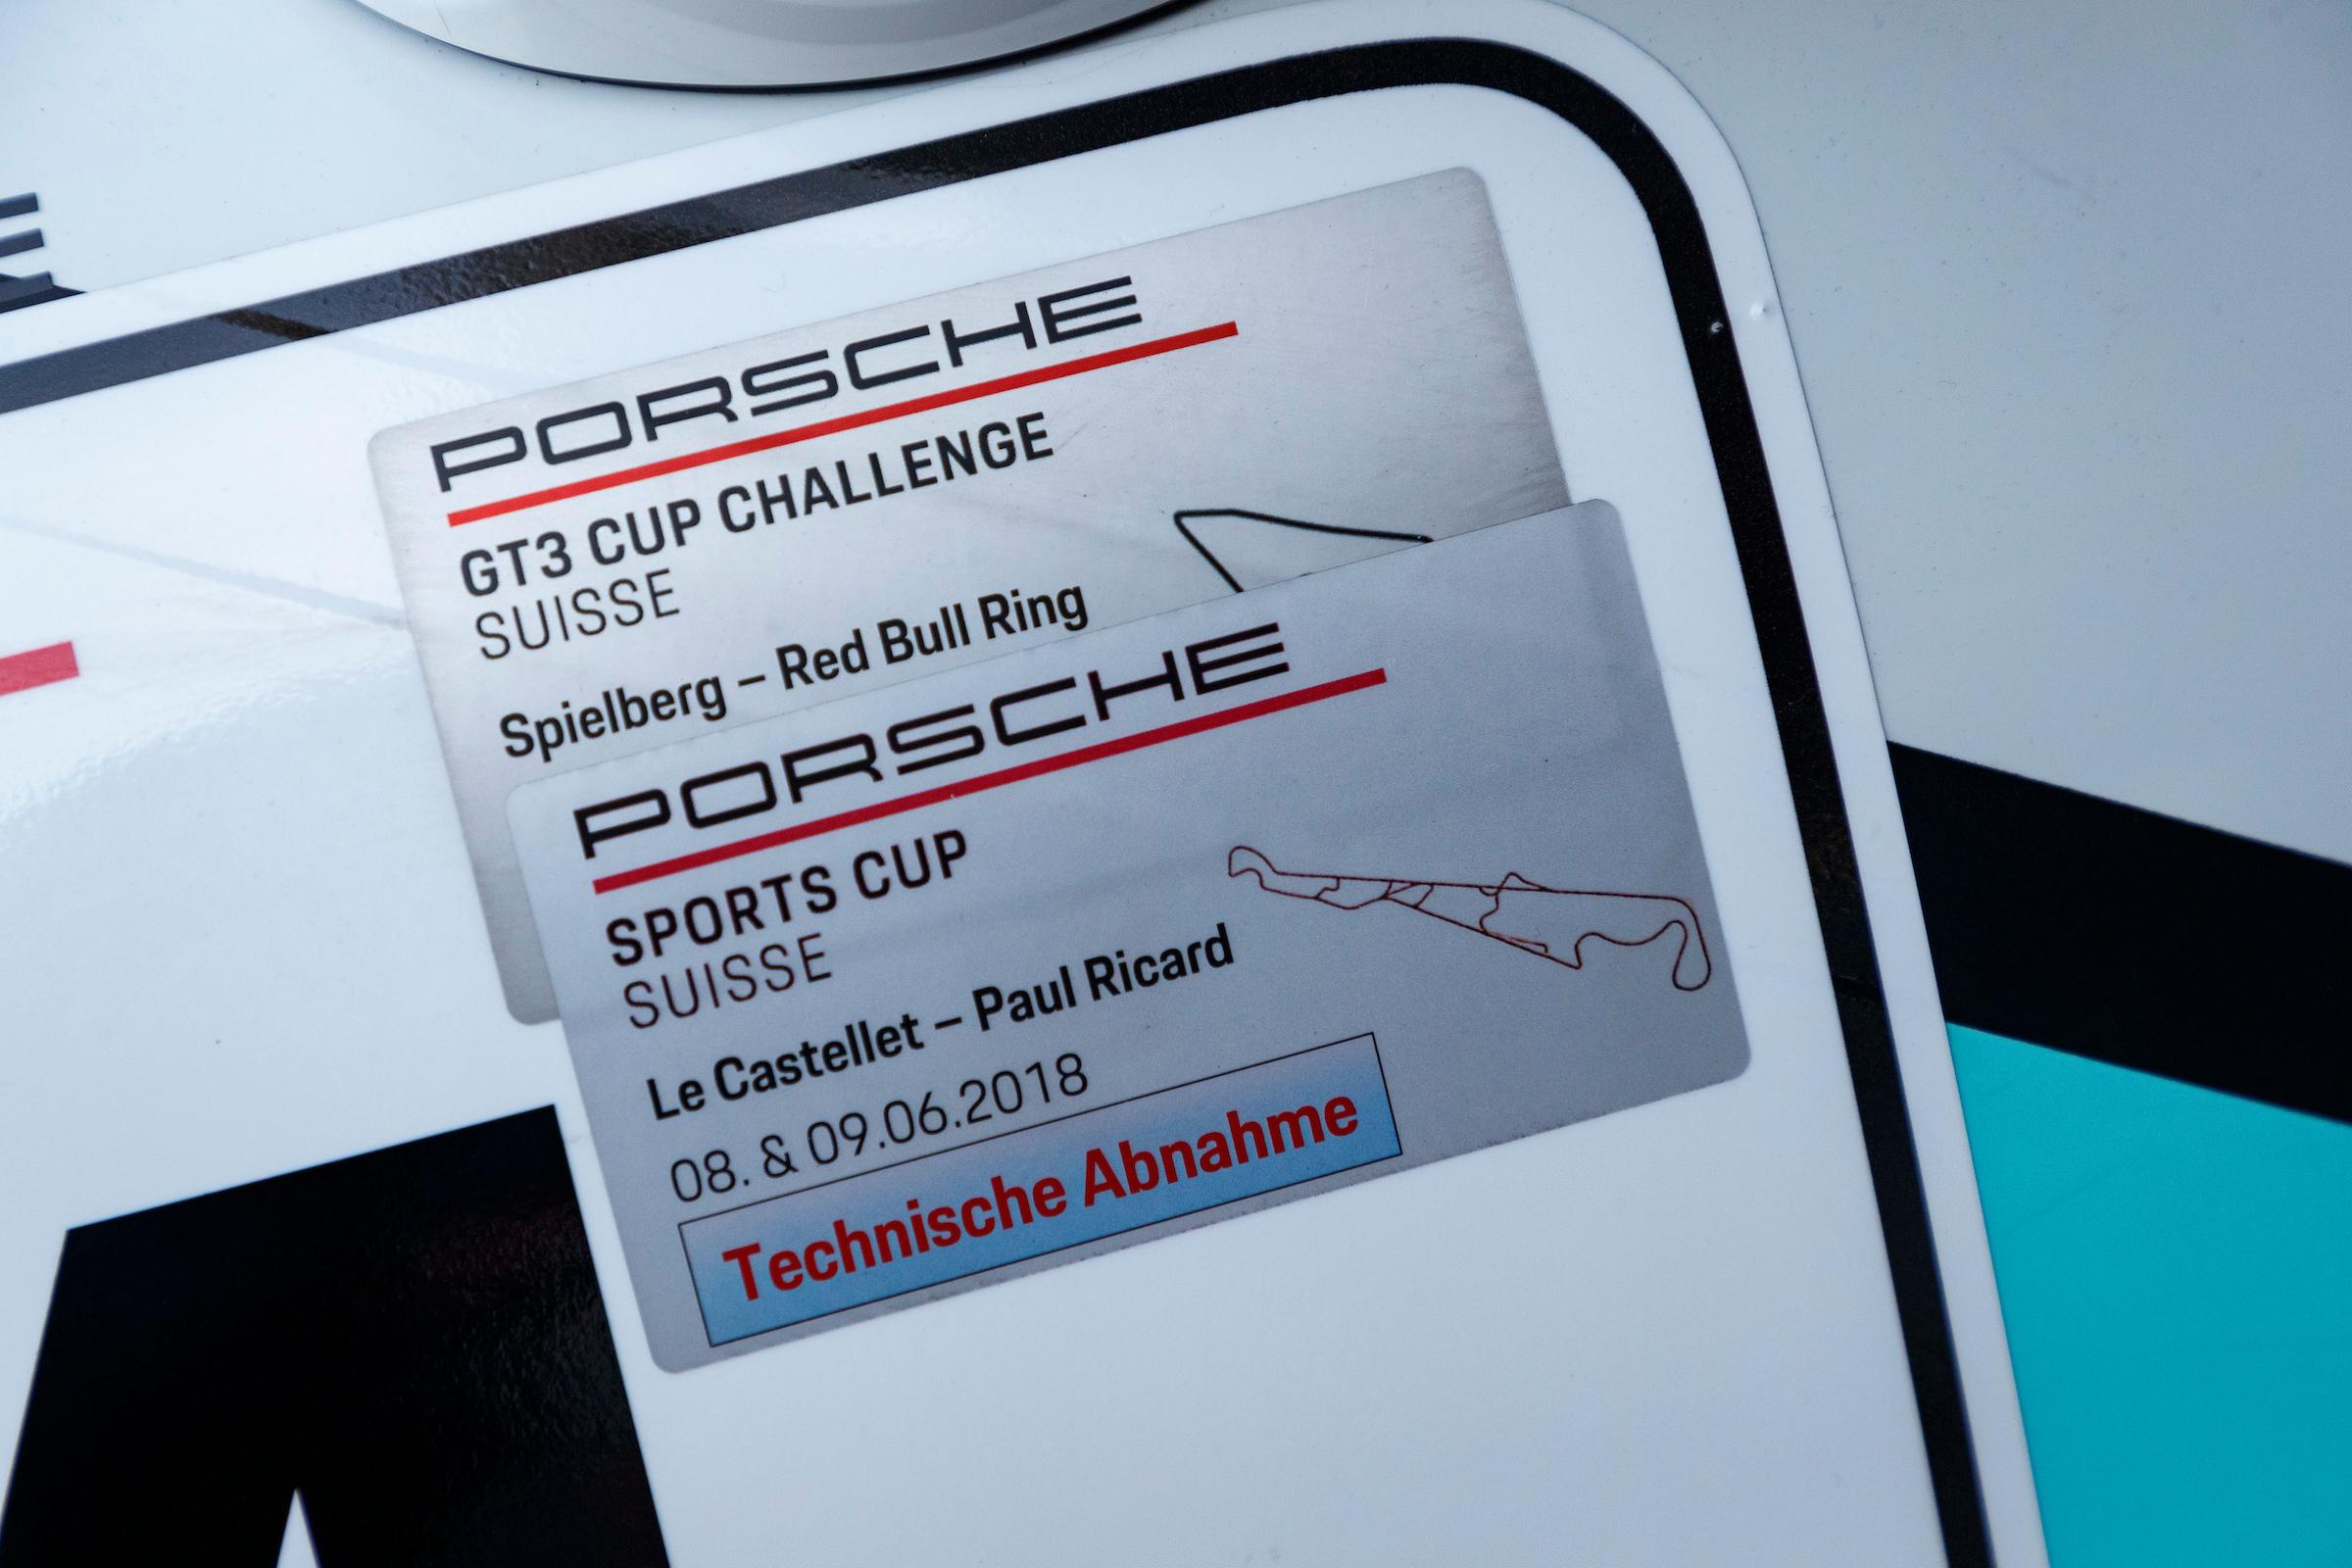 Porsche Sports Cup Suisse 2018